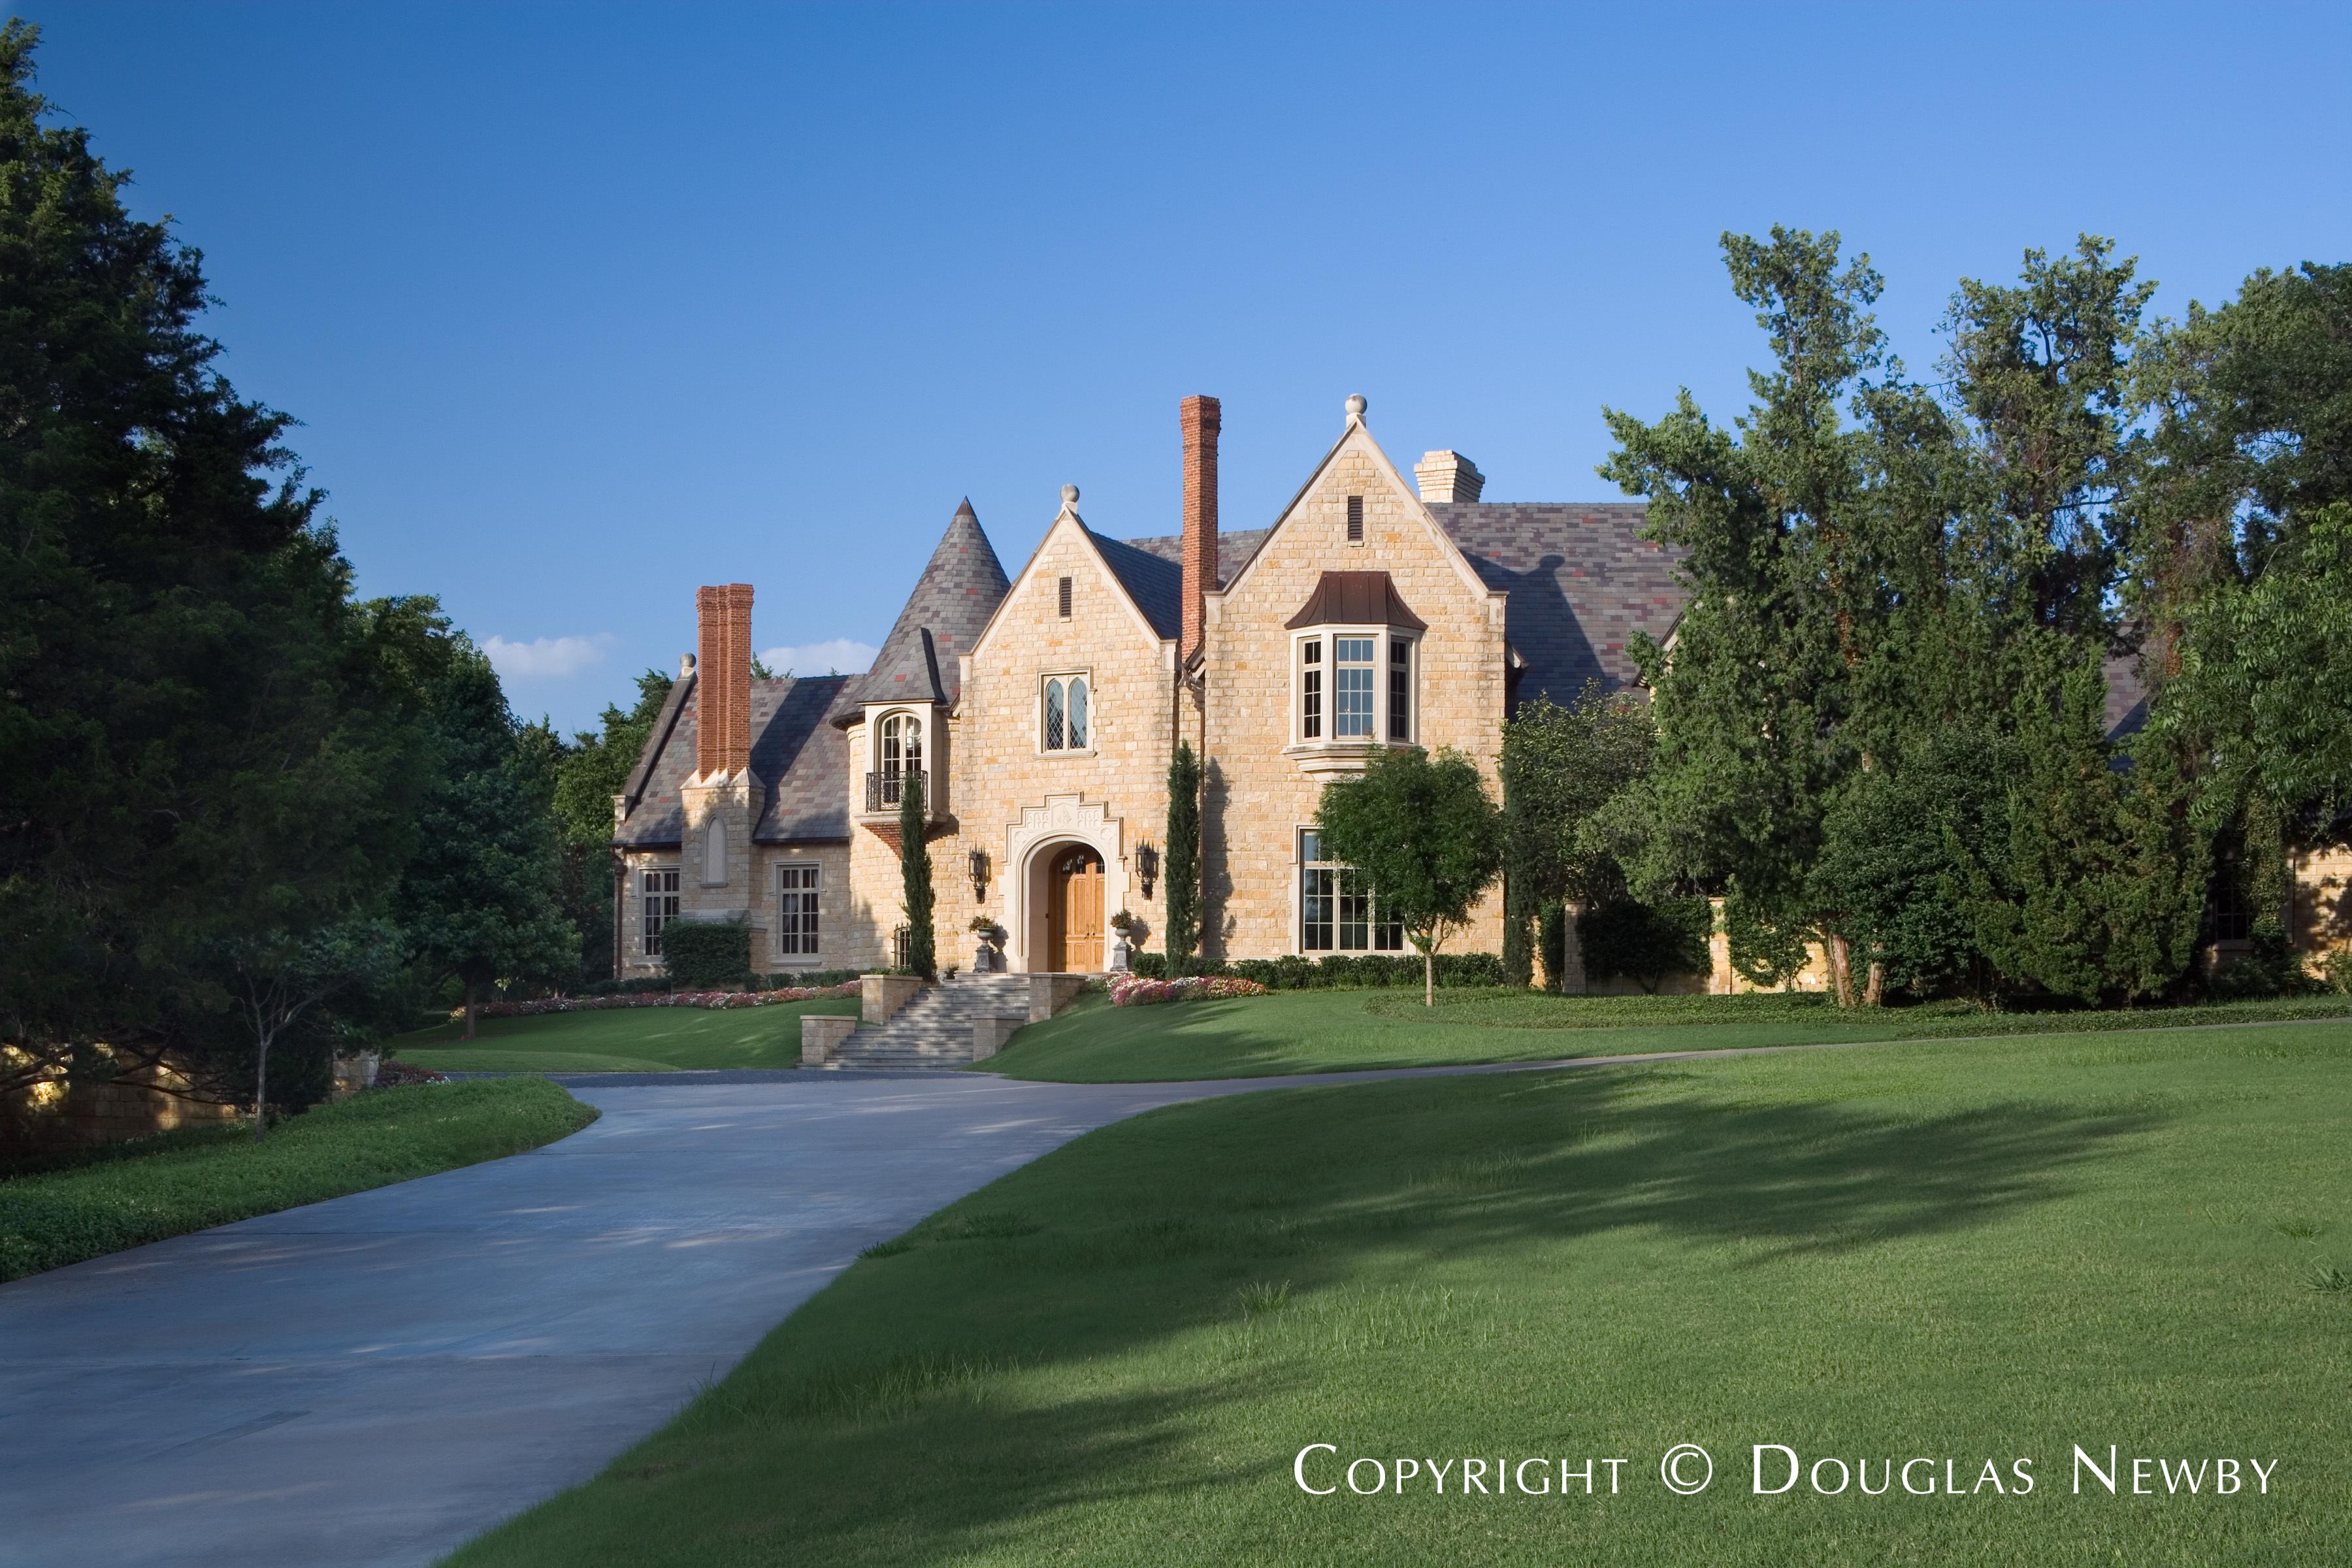 Preston Hollow Edwardian Real Estate on 5.3 Acres